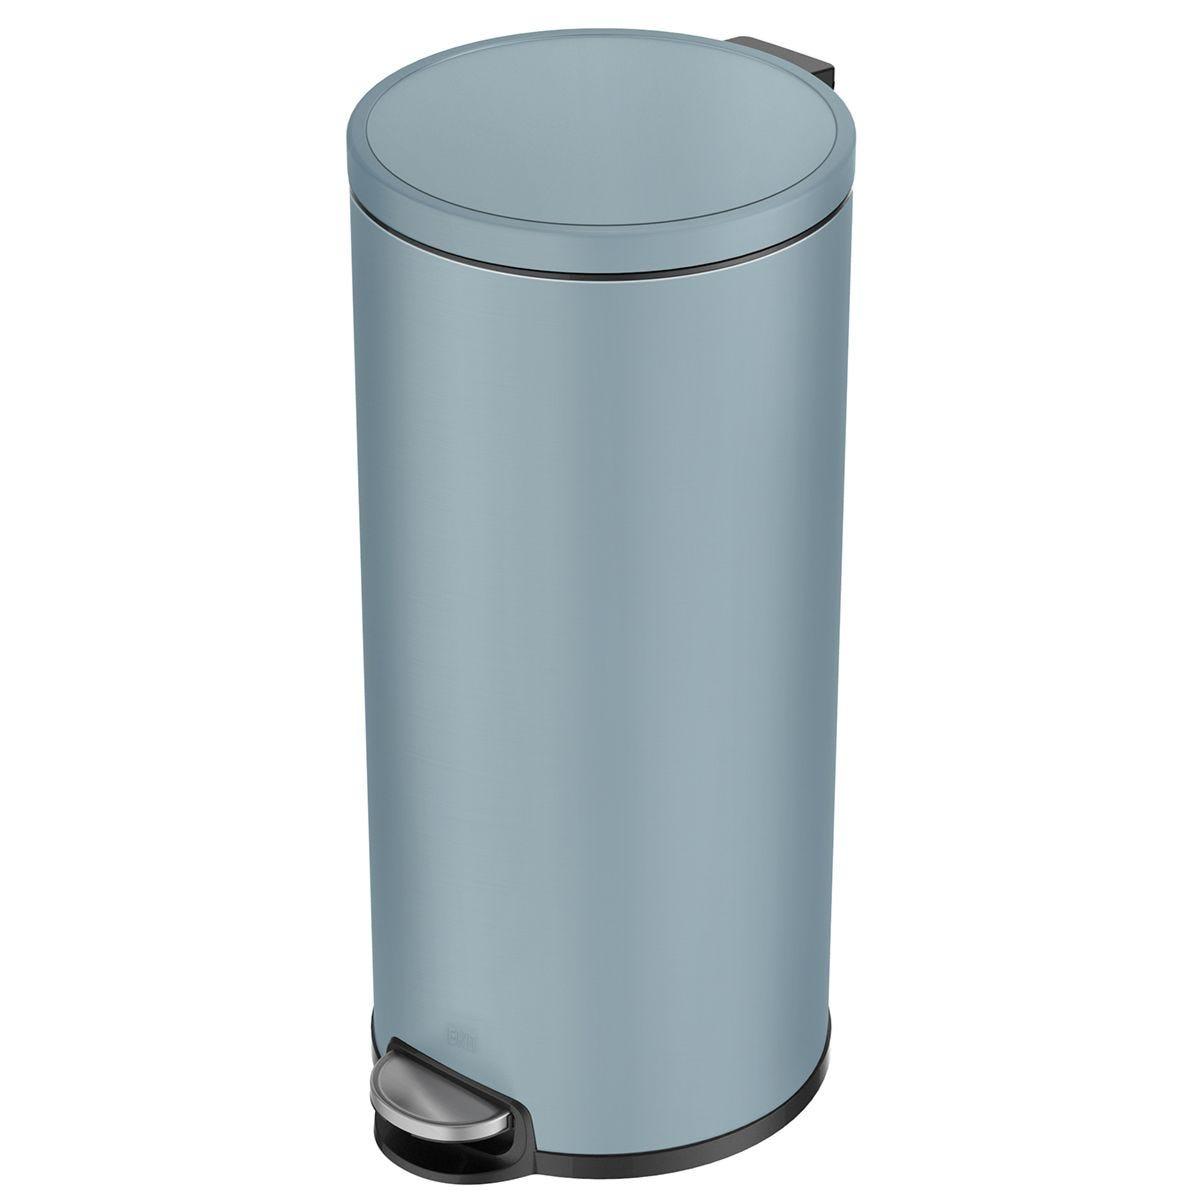 EKO Eva Kitchen Bin 30L - Titanium Blue